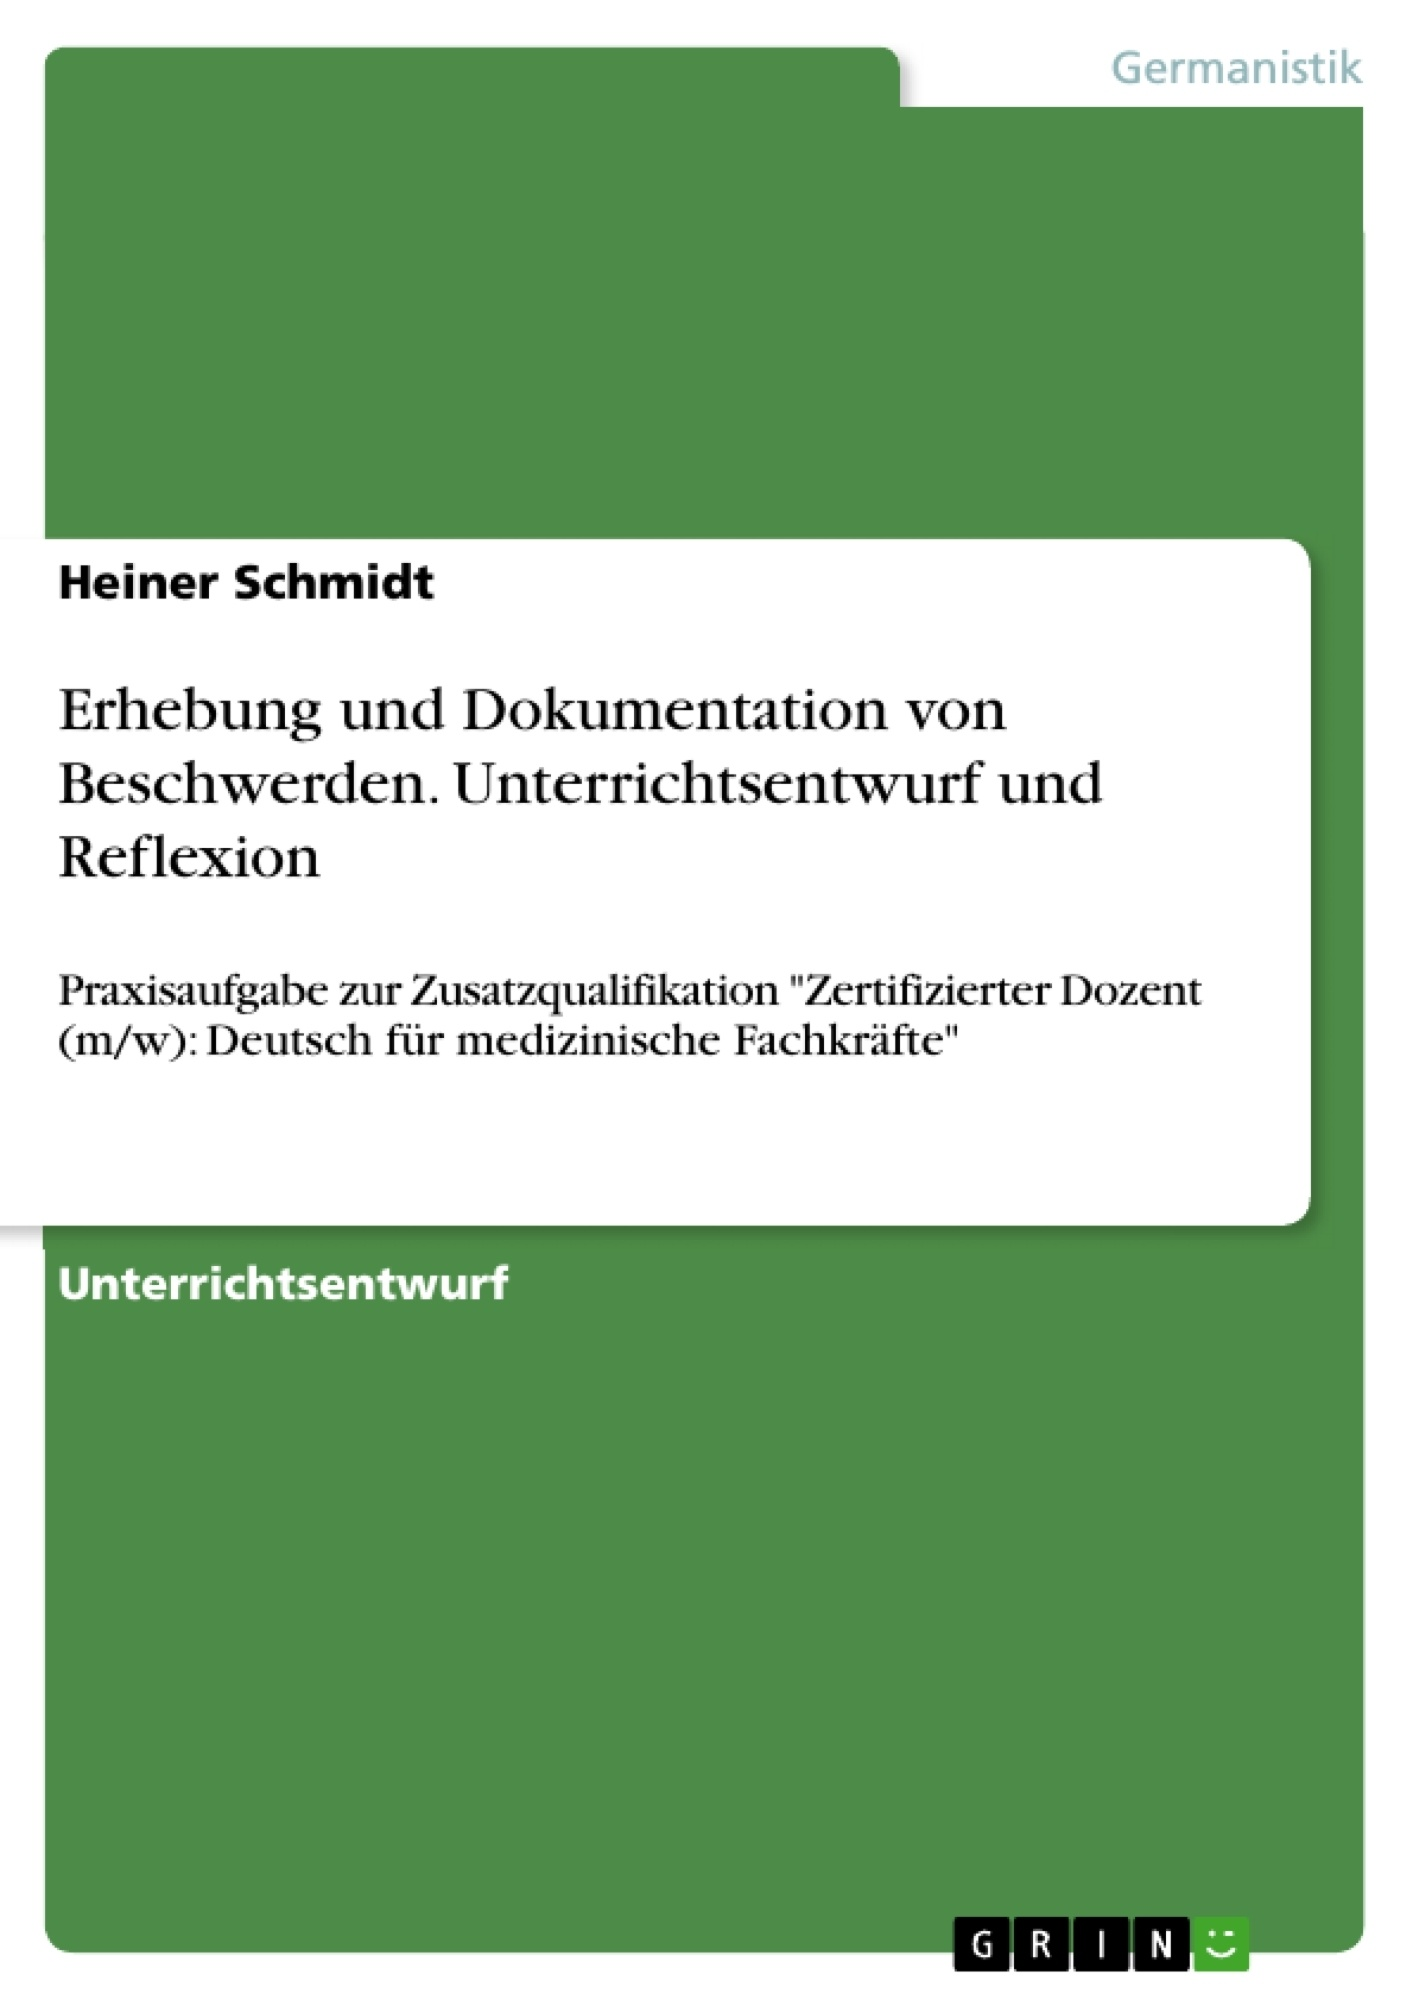 Erhebung und Dokumentation von Beschwerden. Unterrichtsentwurf und ...